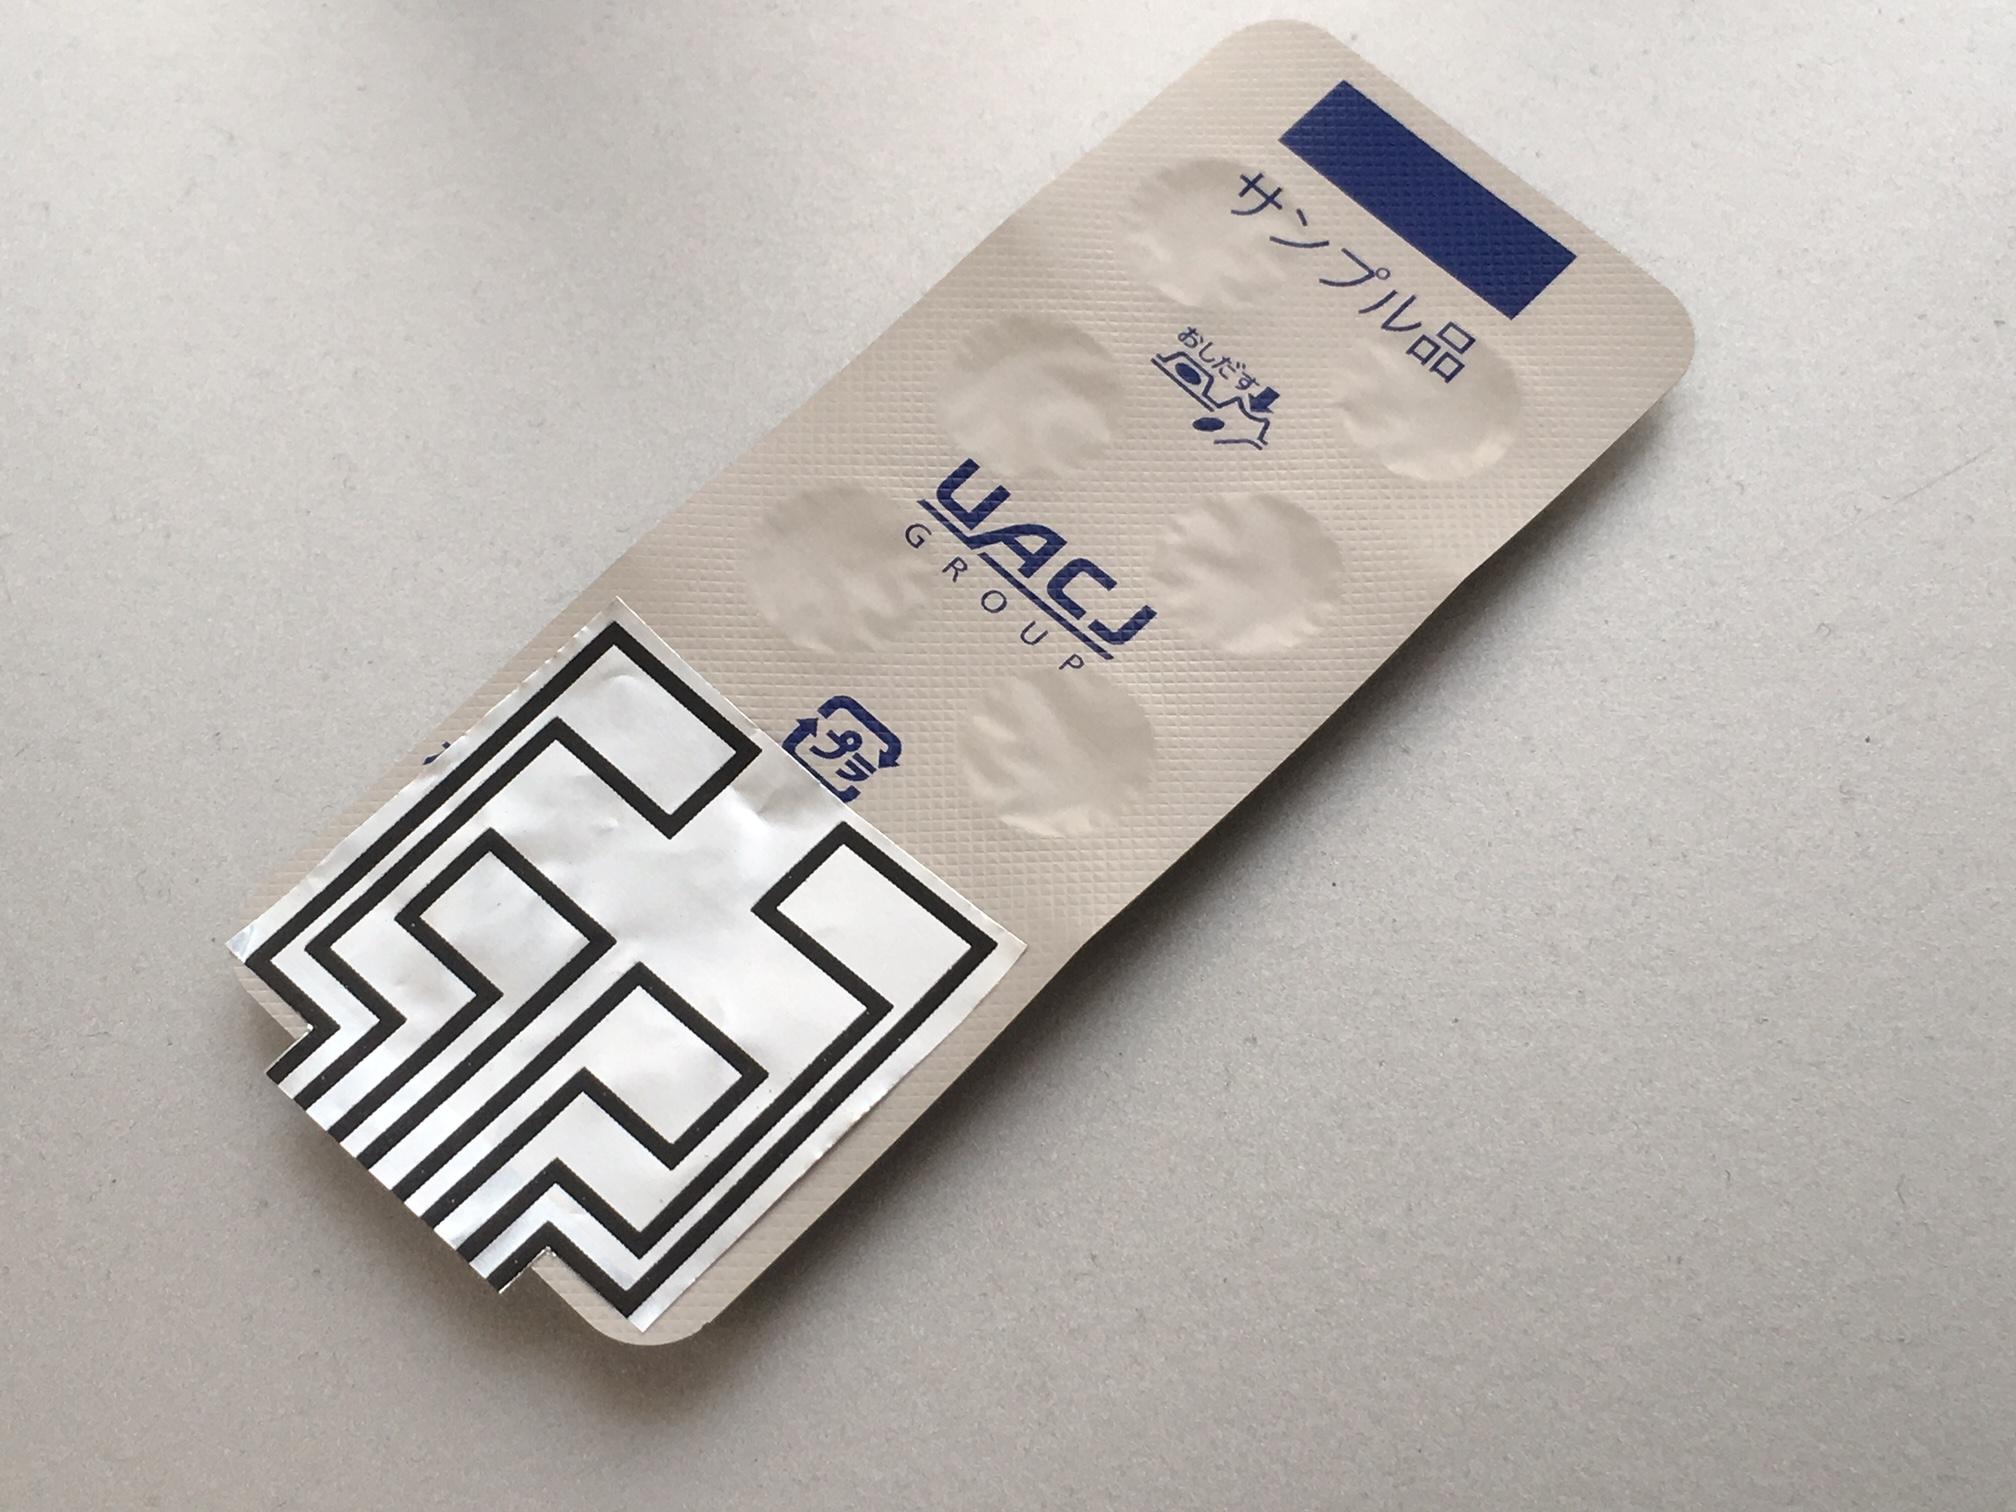 通常のプレススルーパック包装に開封検知箔を装着したもの